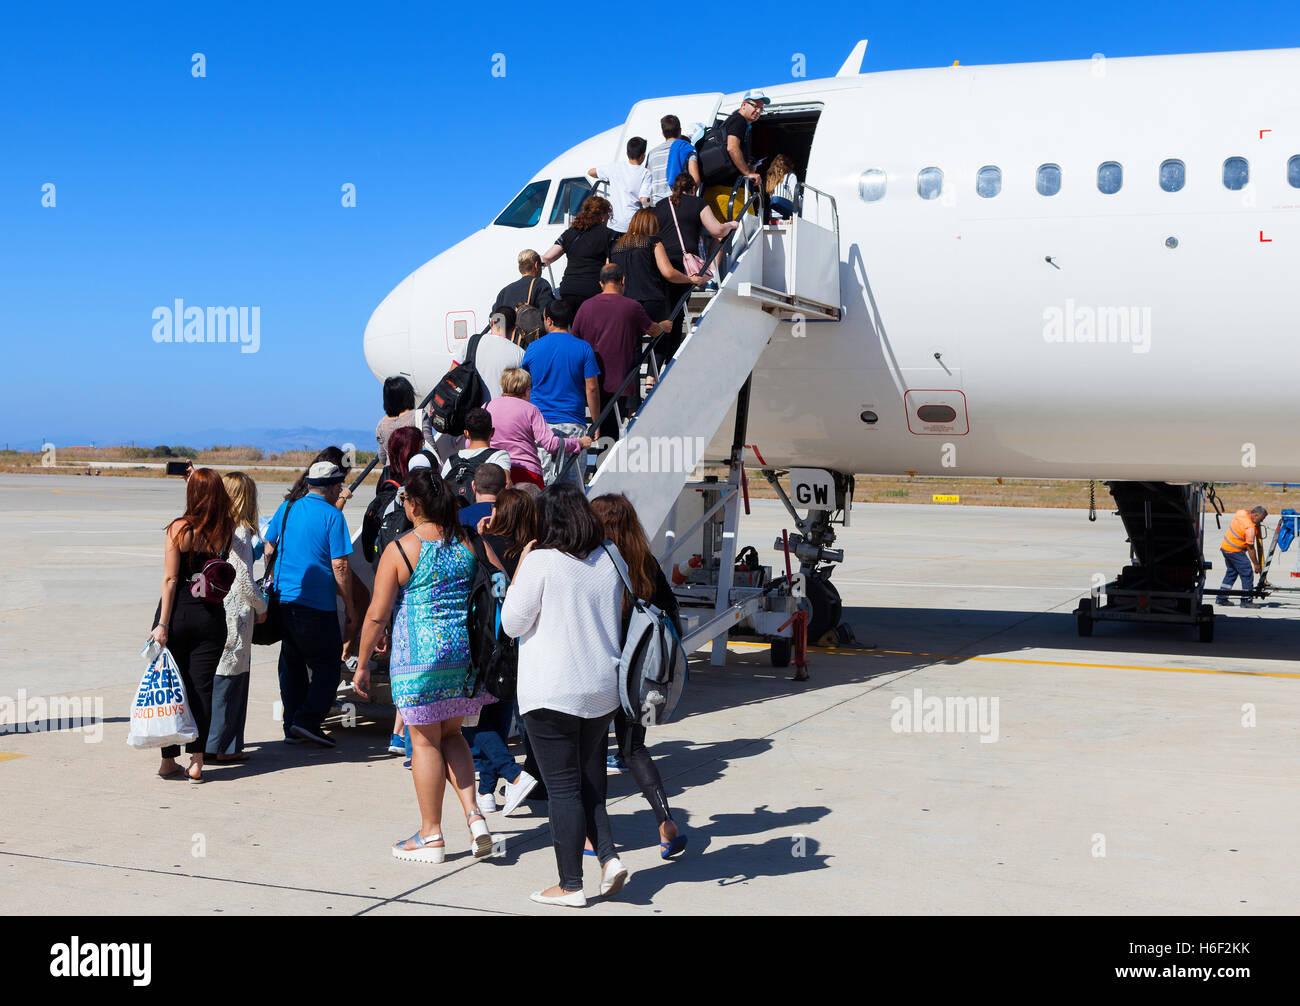 Les passagers d'un avion commercial d'un avion à l'aéroport international de Rhodes Diagoras. Photo Stock